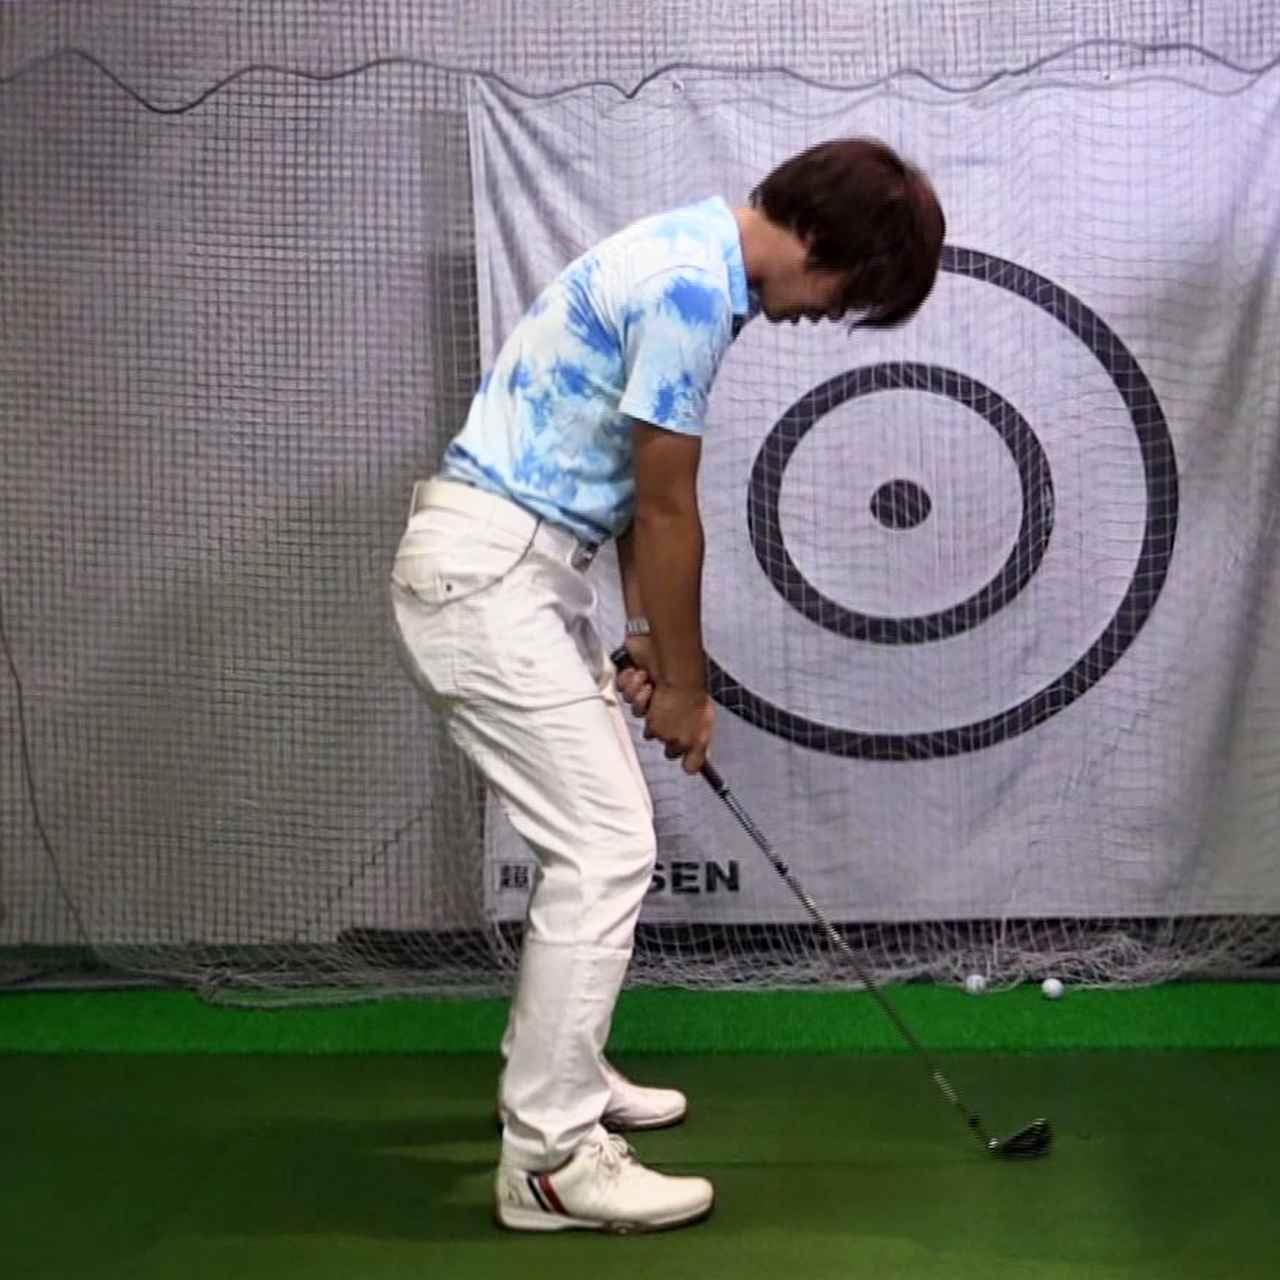 画像: 画像2。ボールを見ようとして頭が下を向いてしまっている